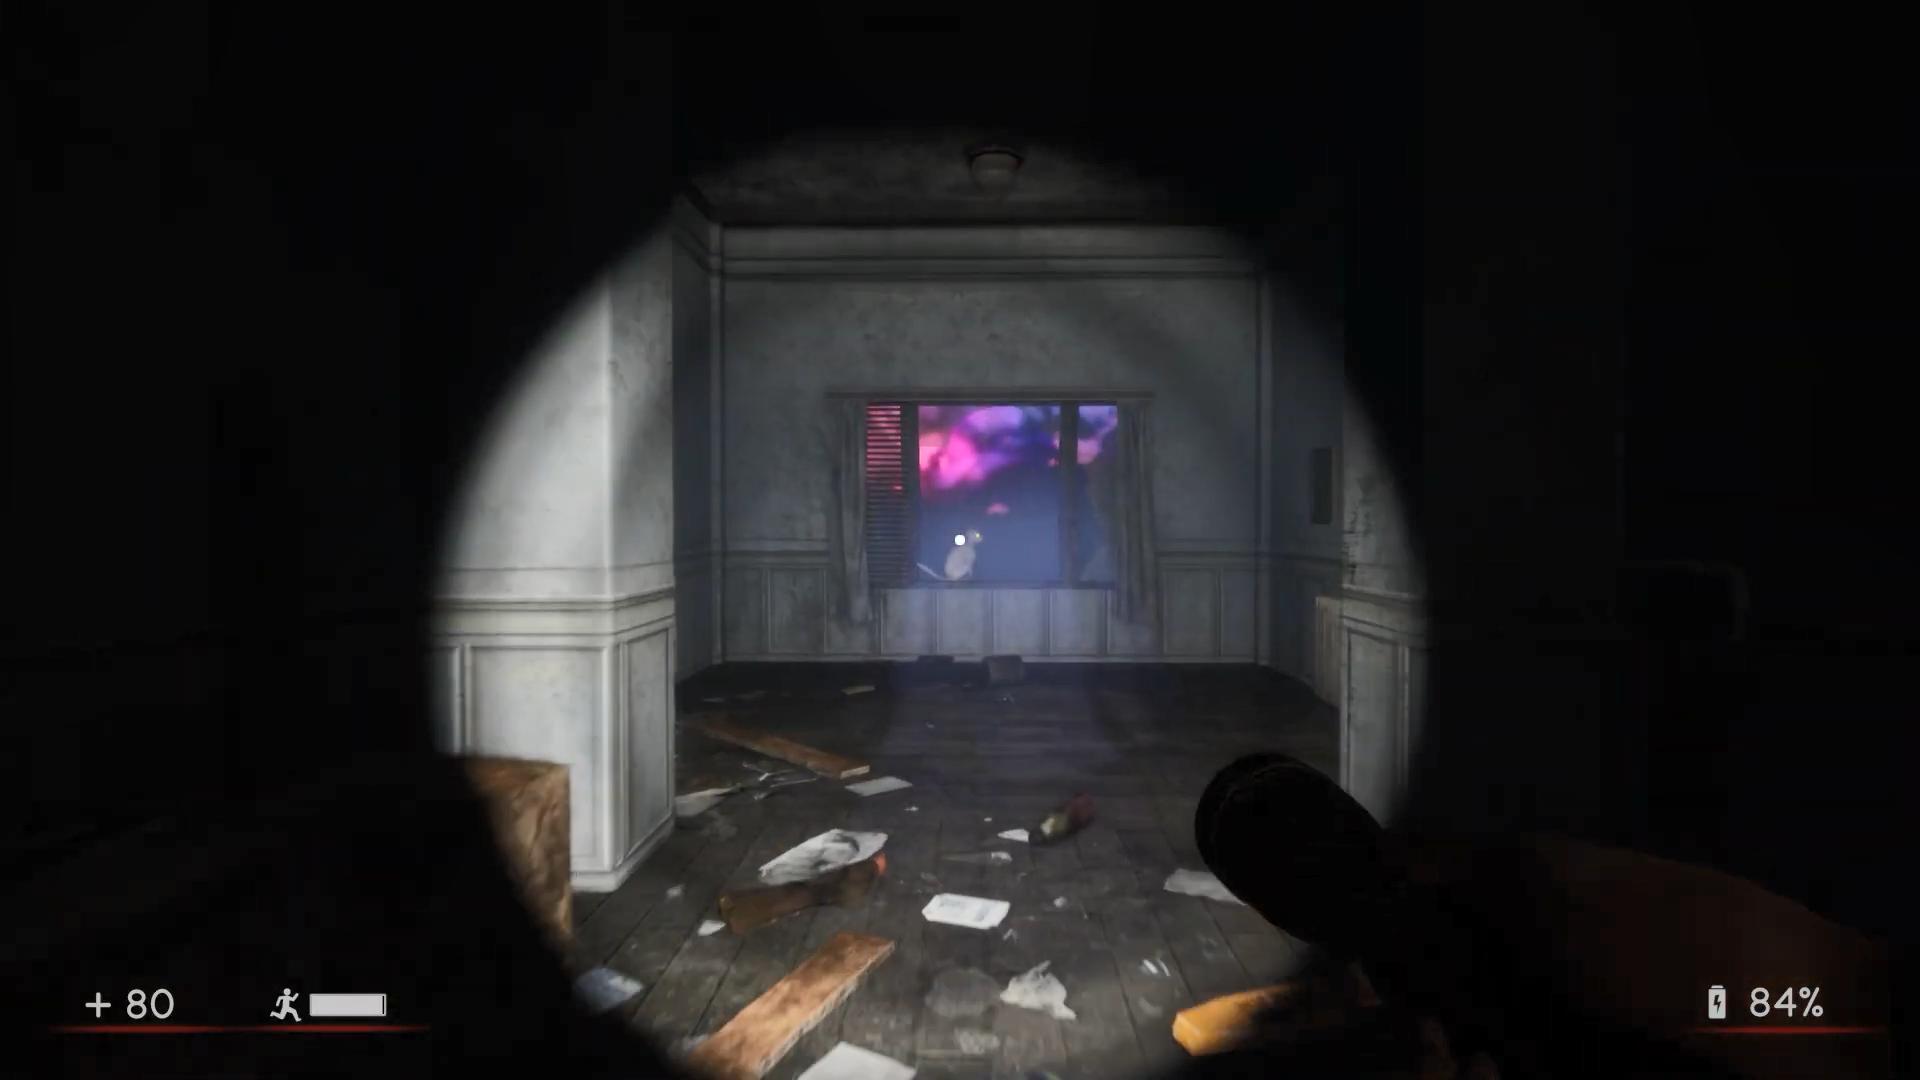 恐怖游戏《In Sound Mind》新实机演示 9月28日正式发售